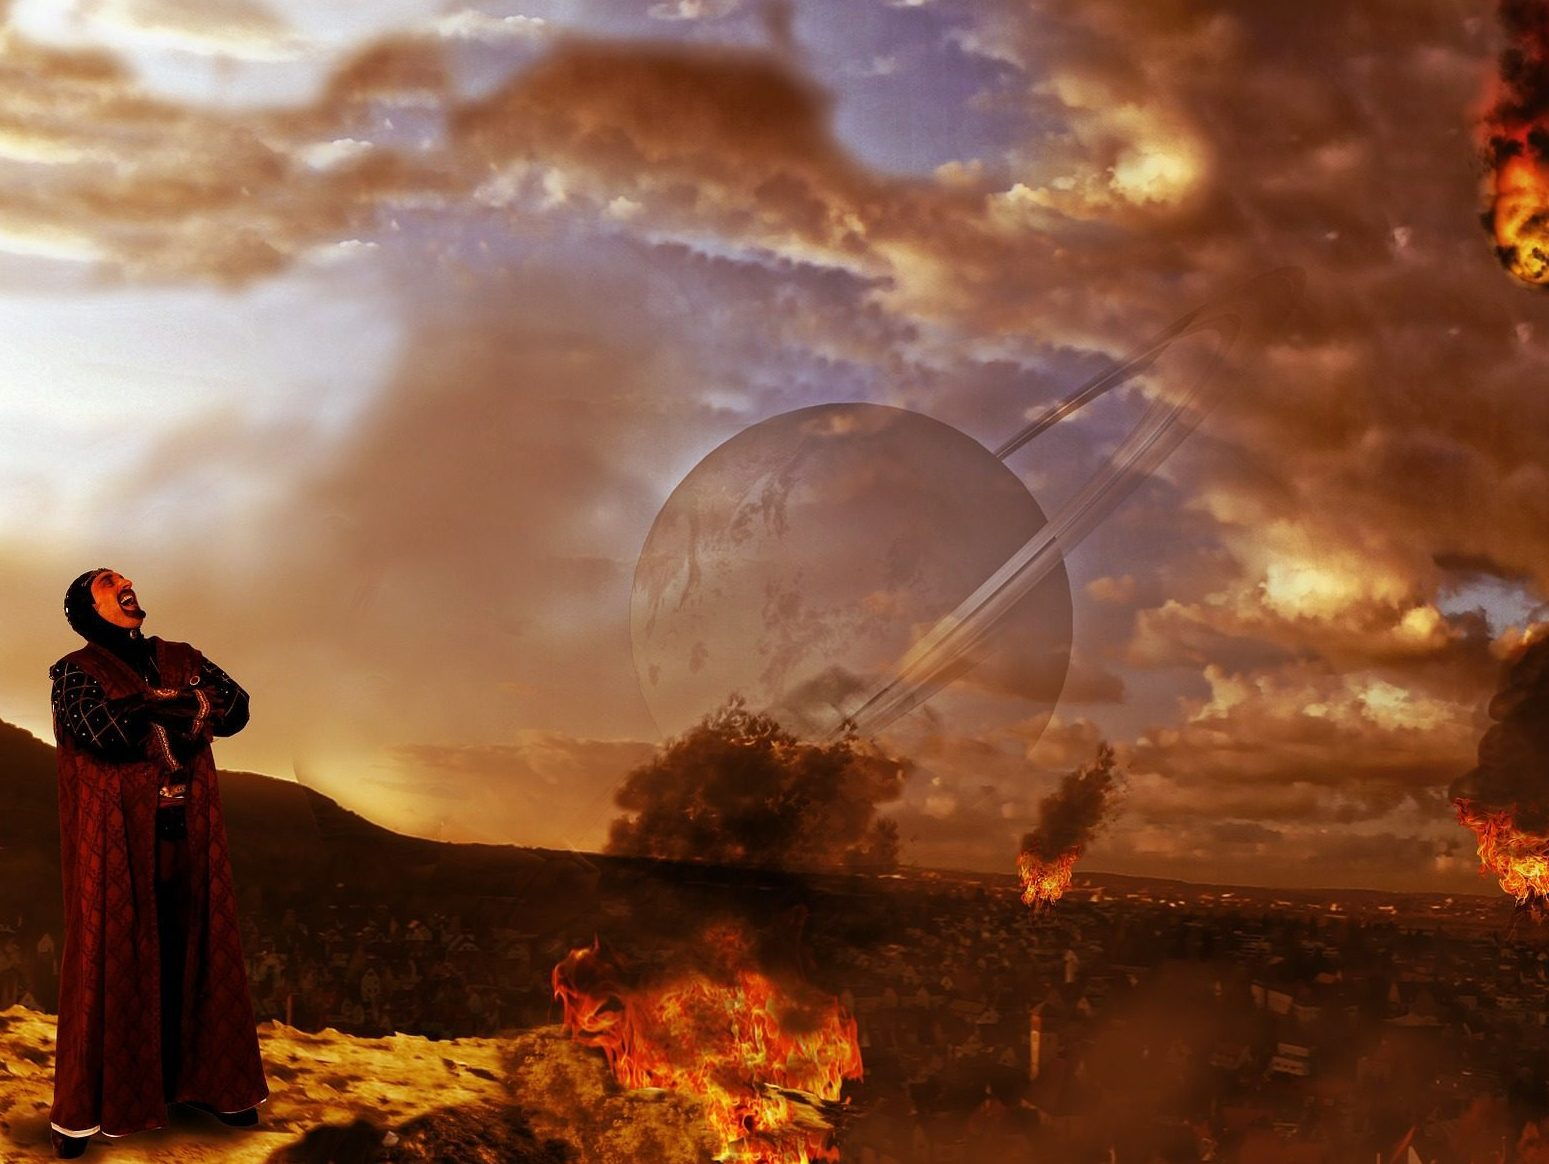 第2話|過去のデータを紐解けるようになると、預言者になる不思議